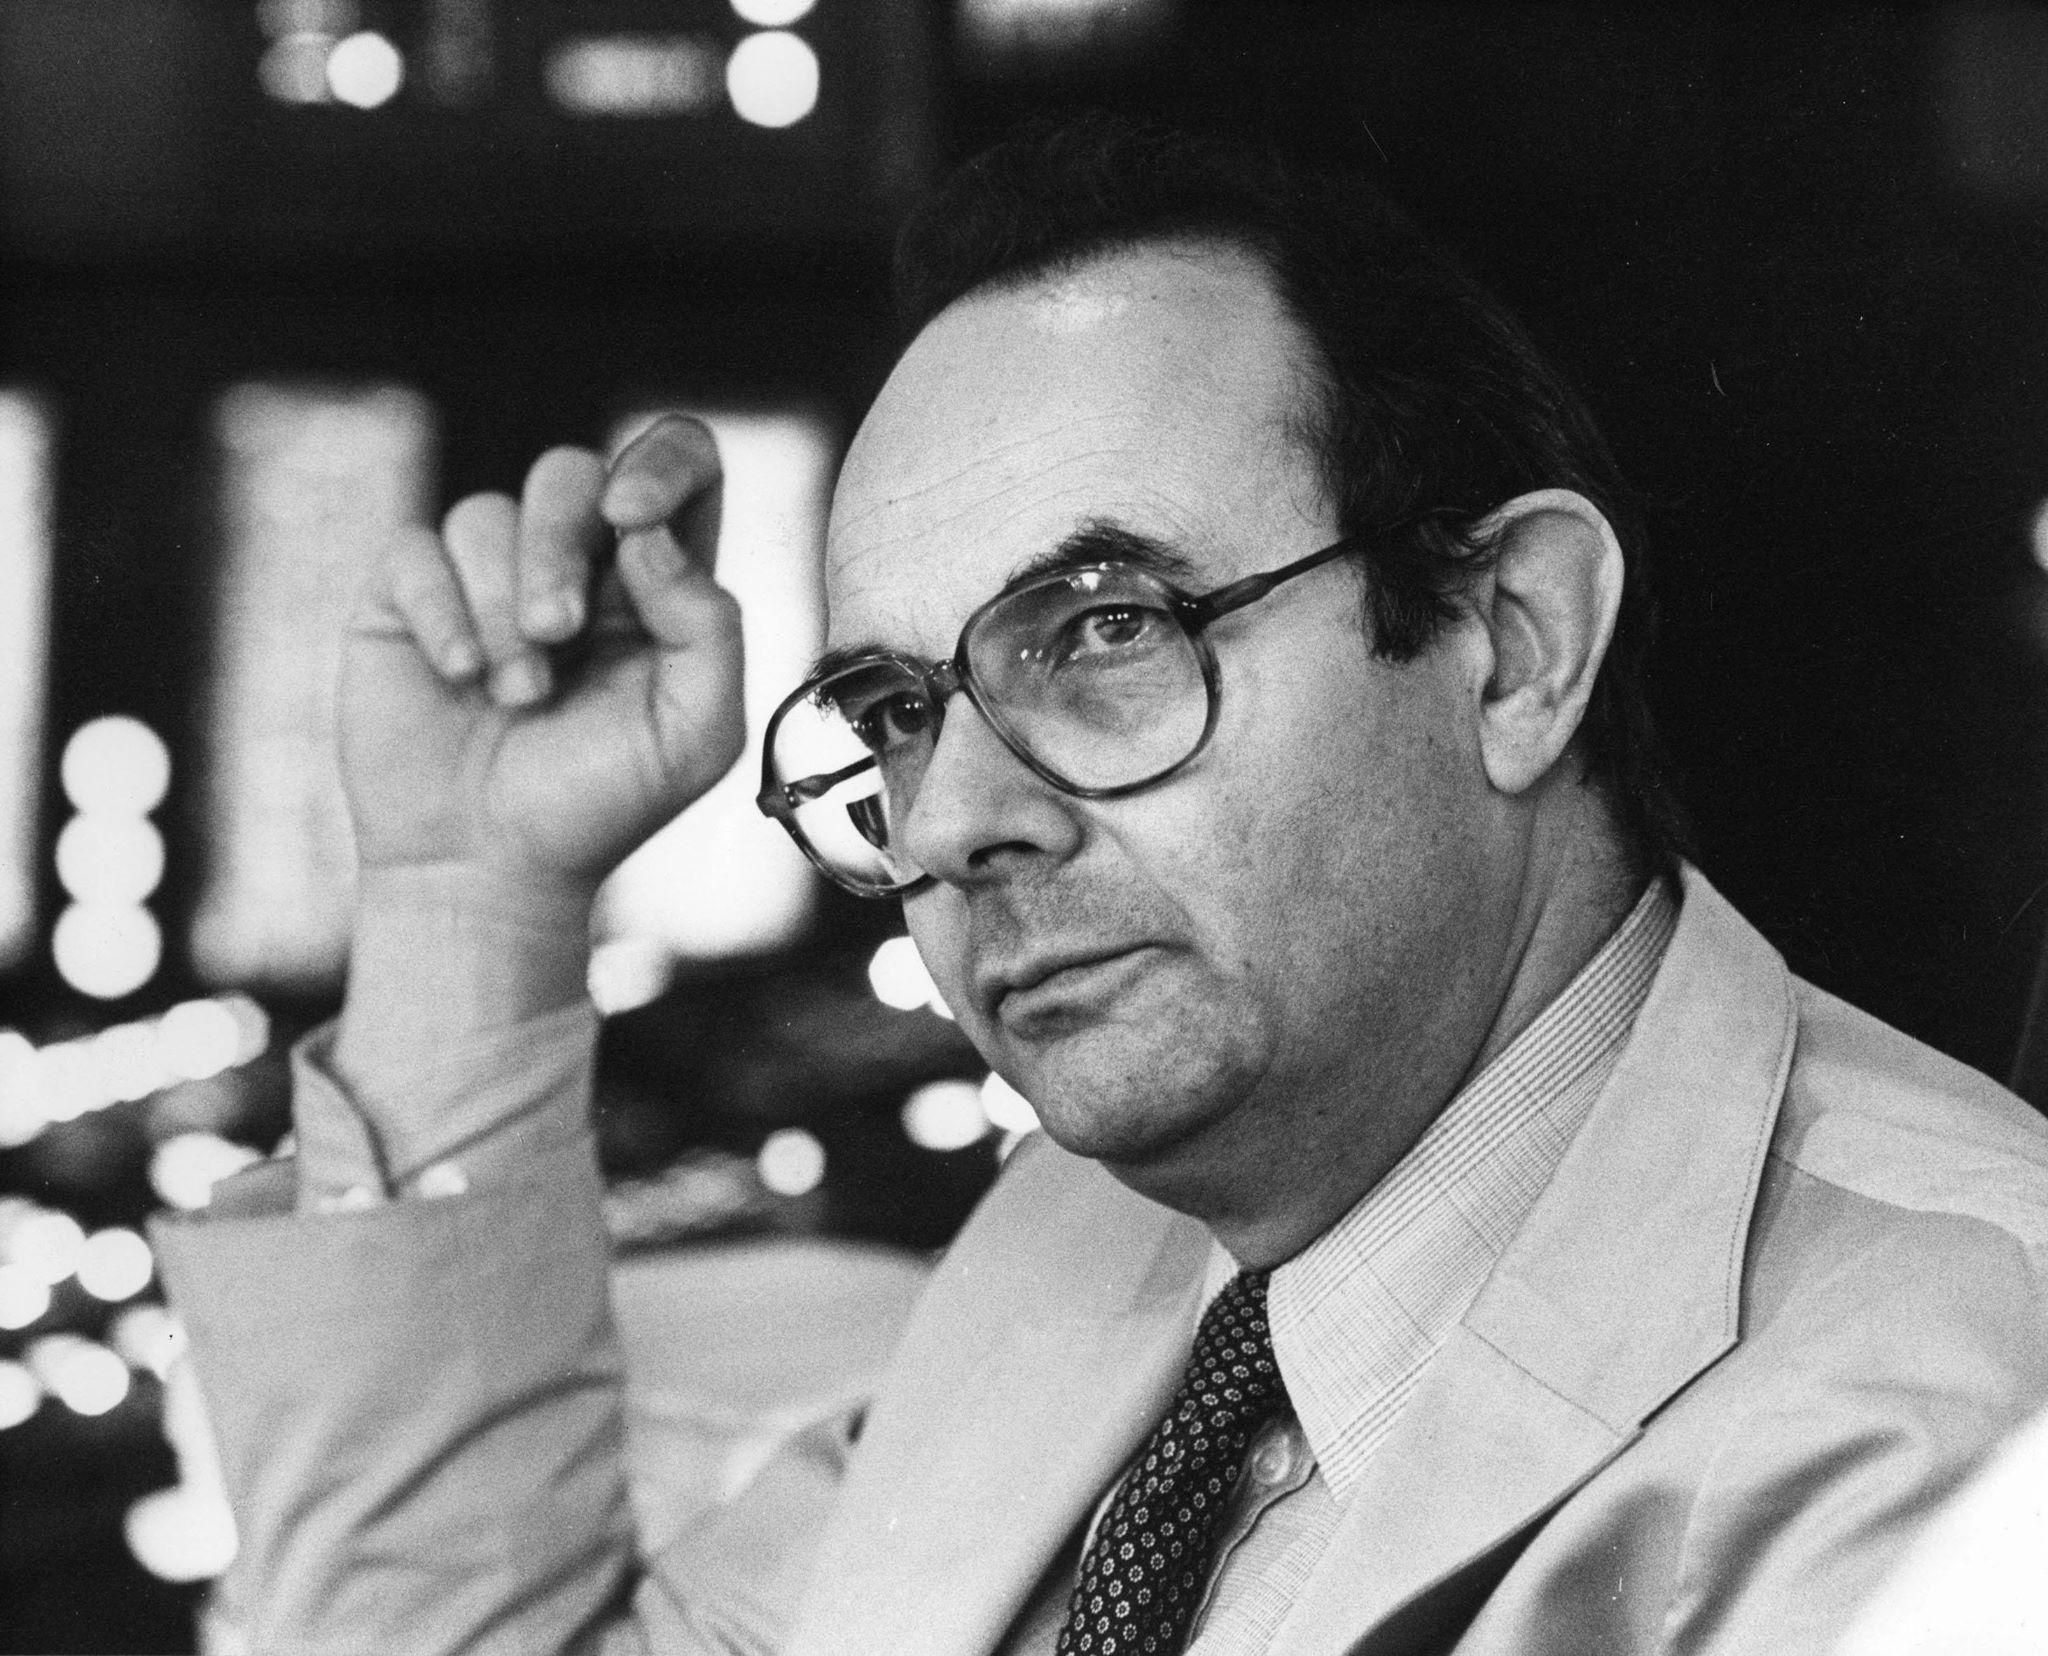 Stanley Donen